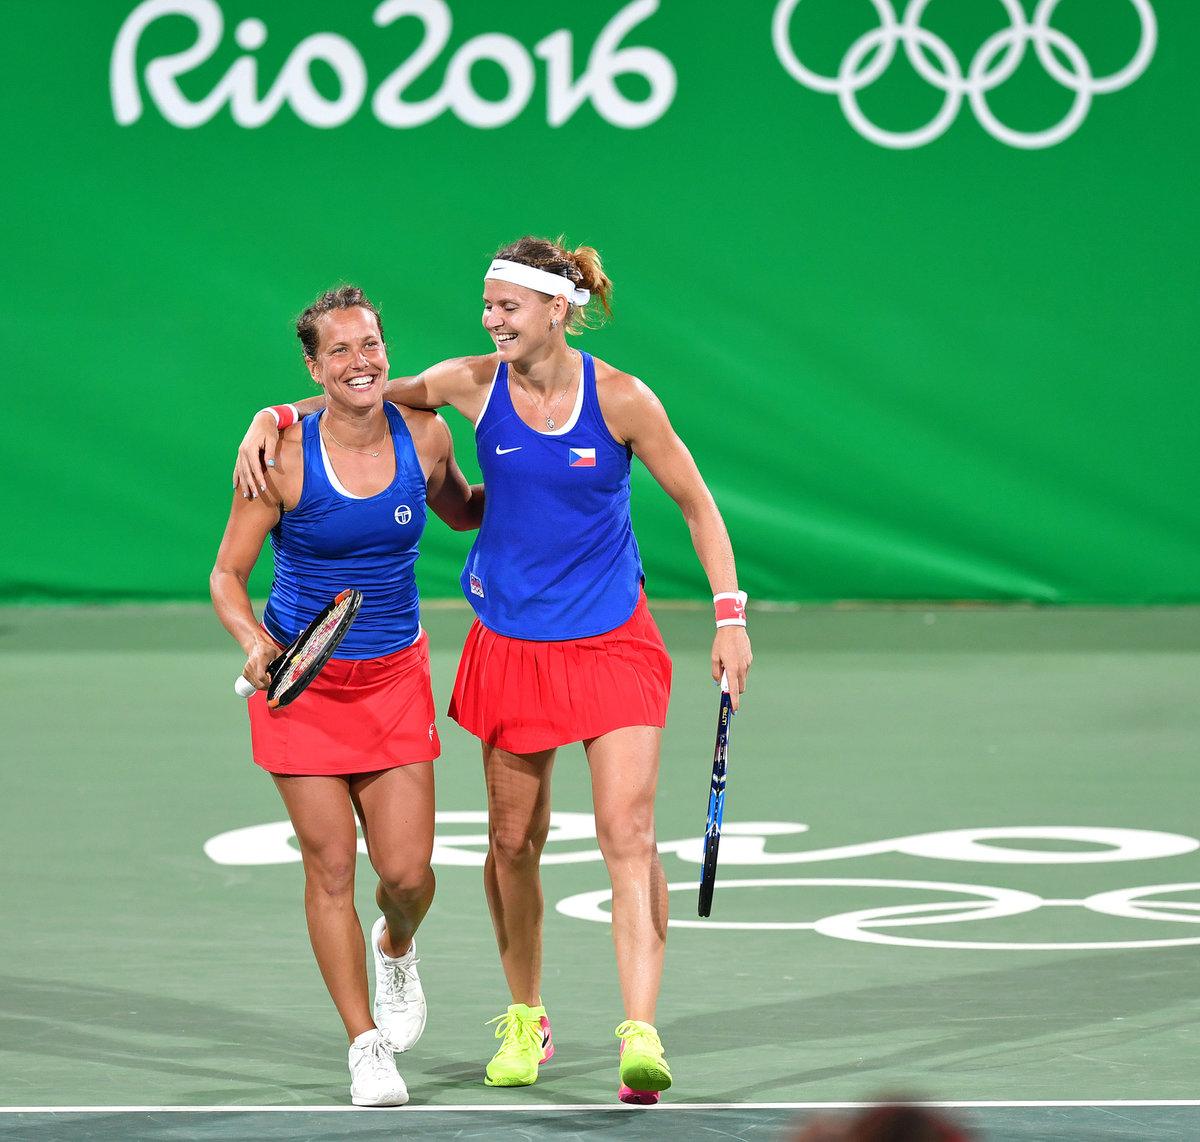 2016. Olympijské Rio Lucii svědčilo, s Barborou Strýcovou vybojovala bronz ve čtyřhře. Takhle se smály poté, co už v prvním kole překvapily sesterské duo Williamsových.